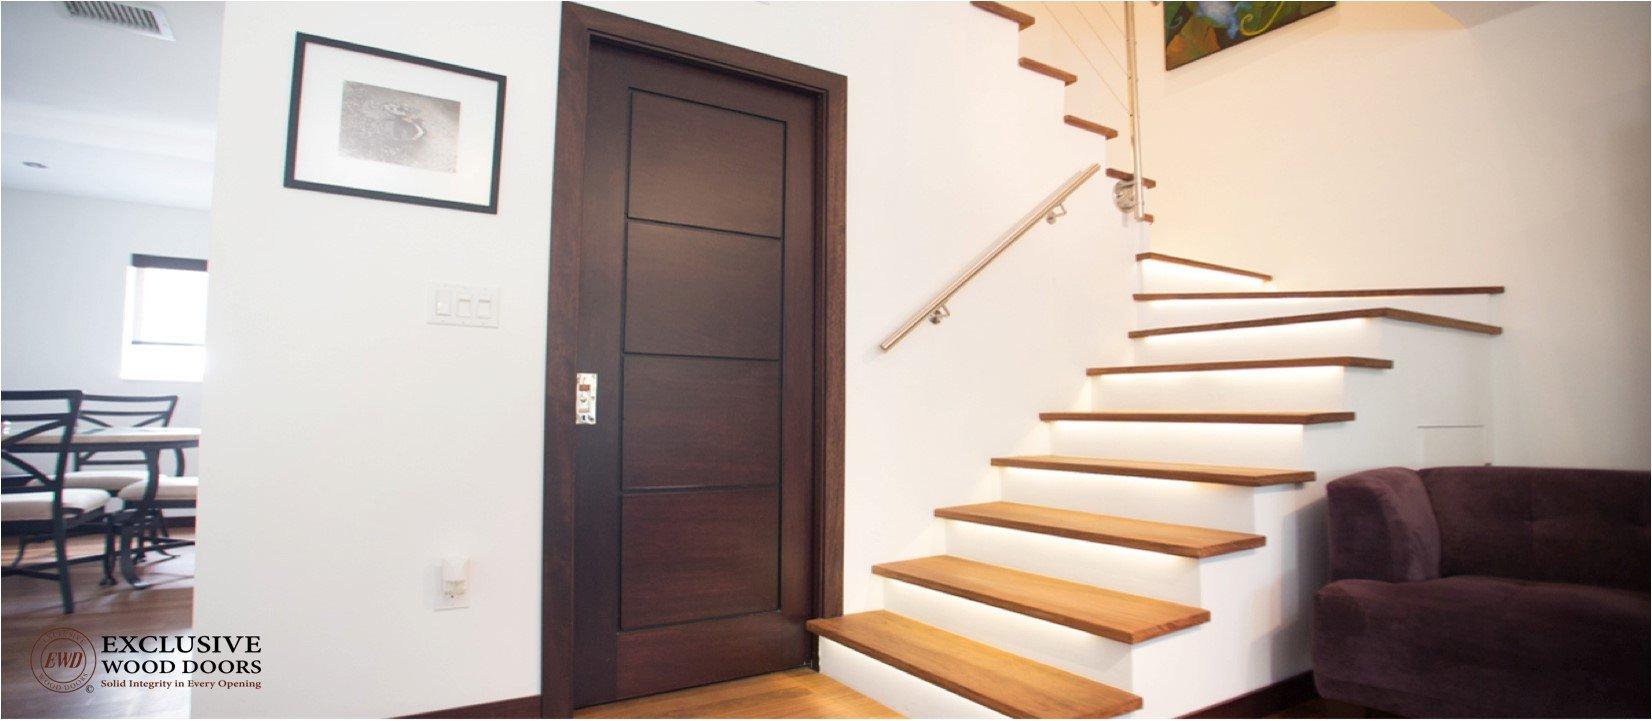 Solid Wood Bedroom Doors Elegant Exclusive Wood Doors